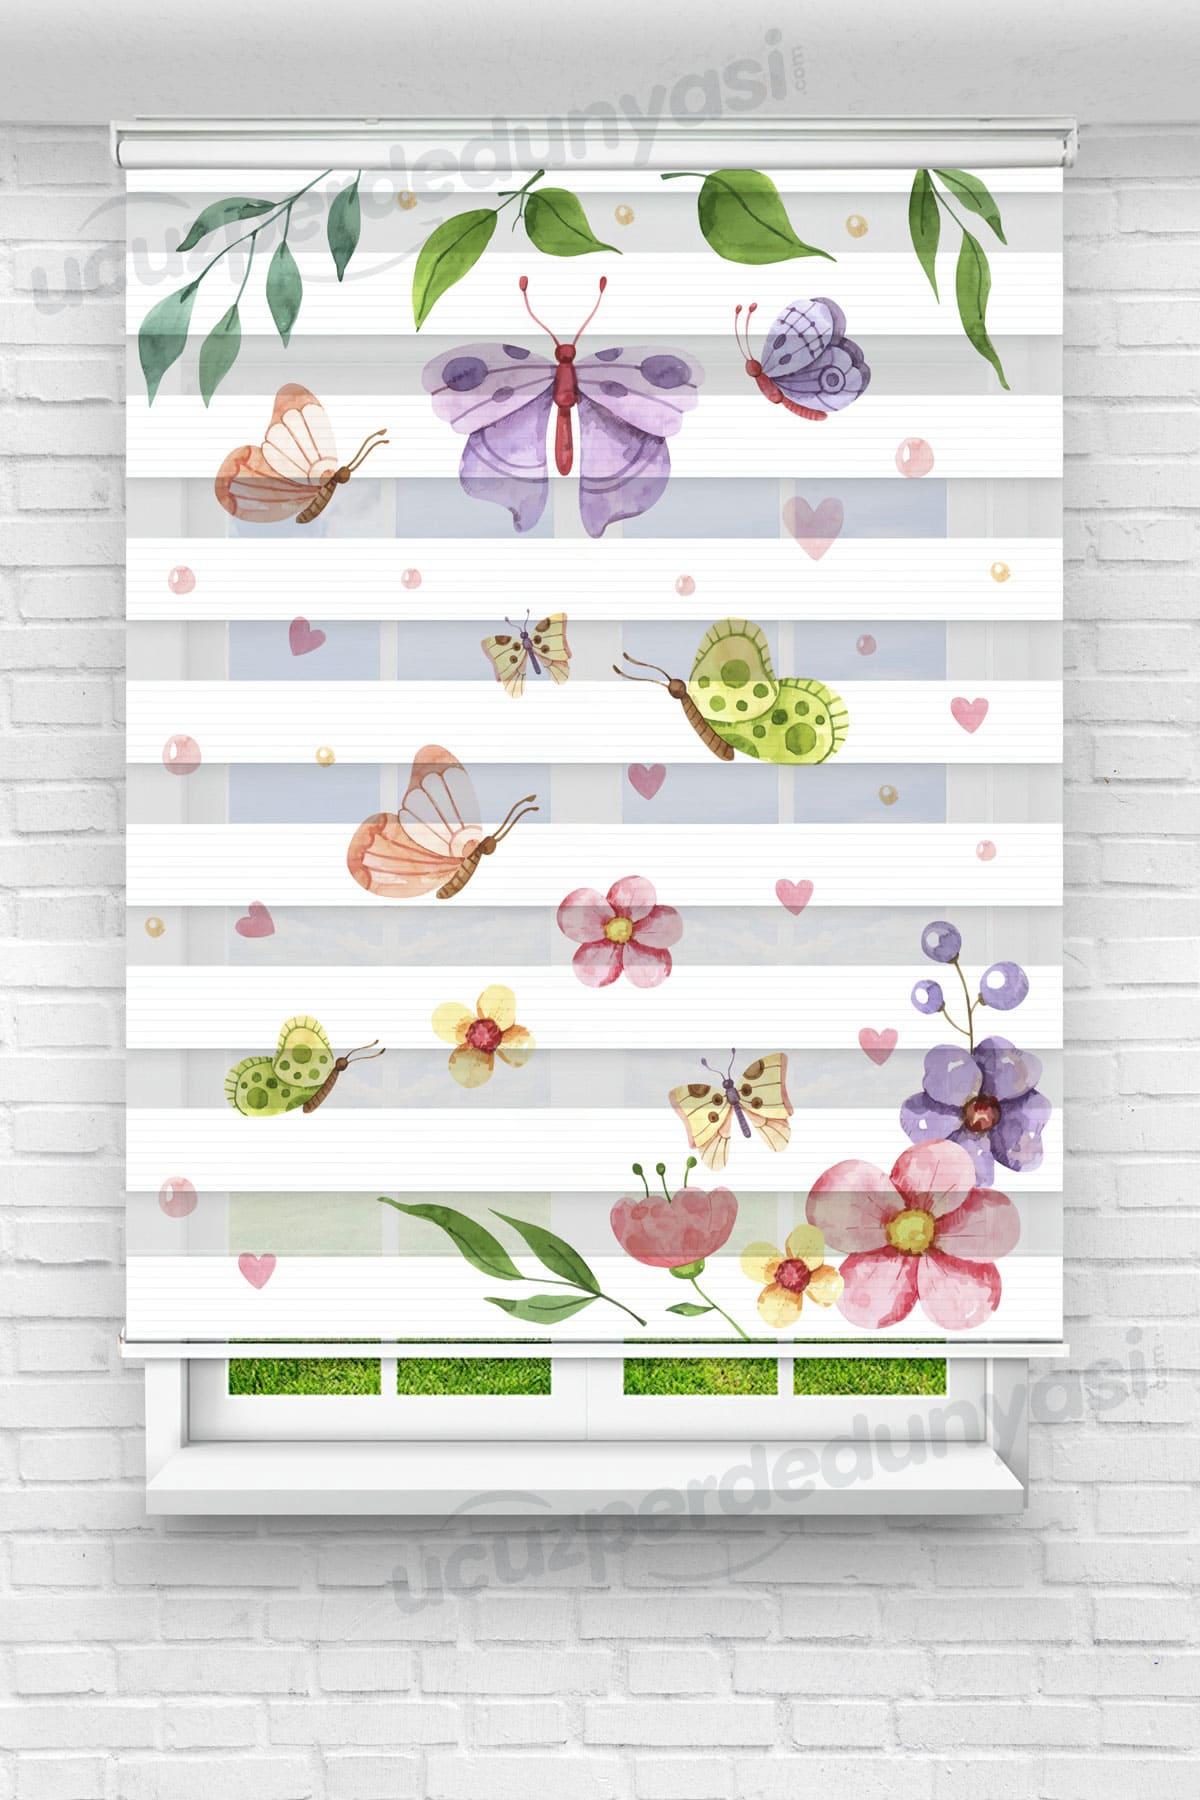 Farklı Kelebekler ve Çiçekler Mutfak Zebra Perde